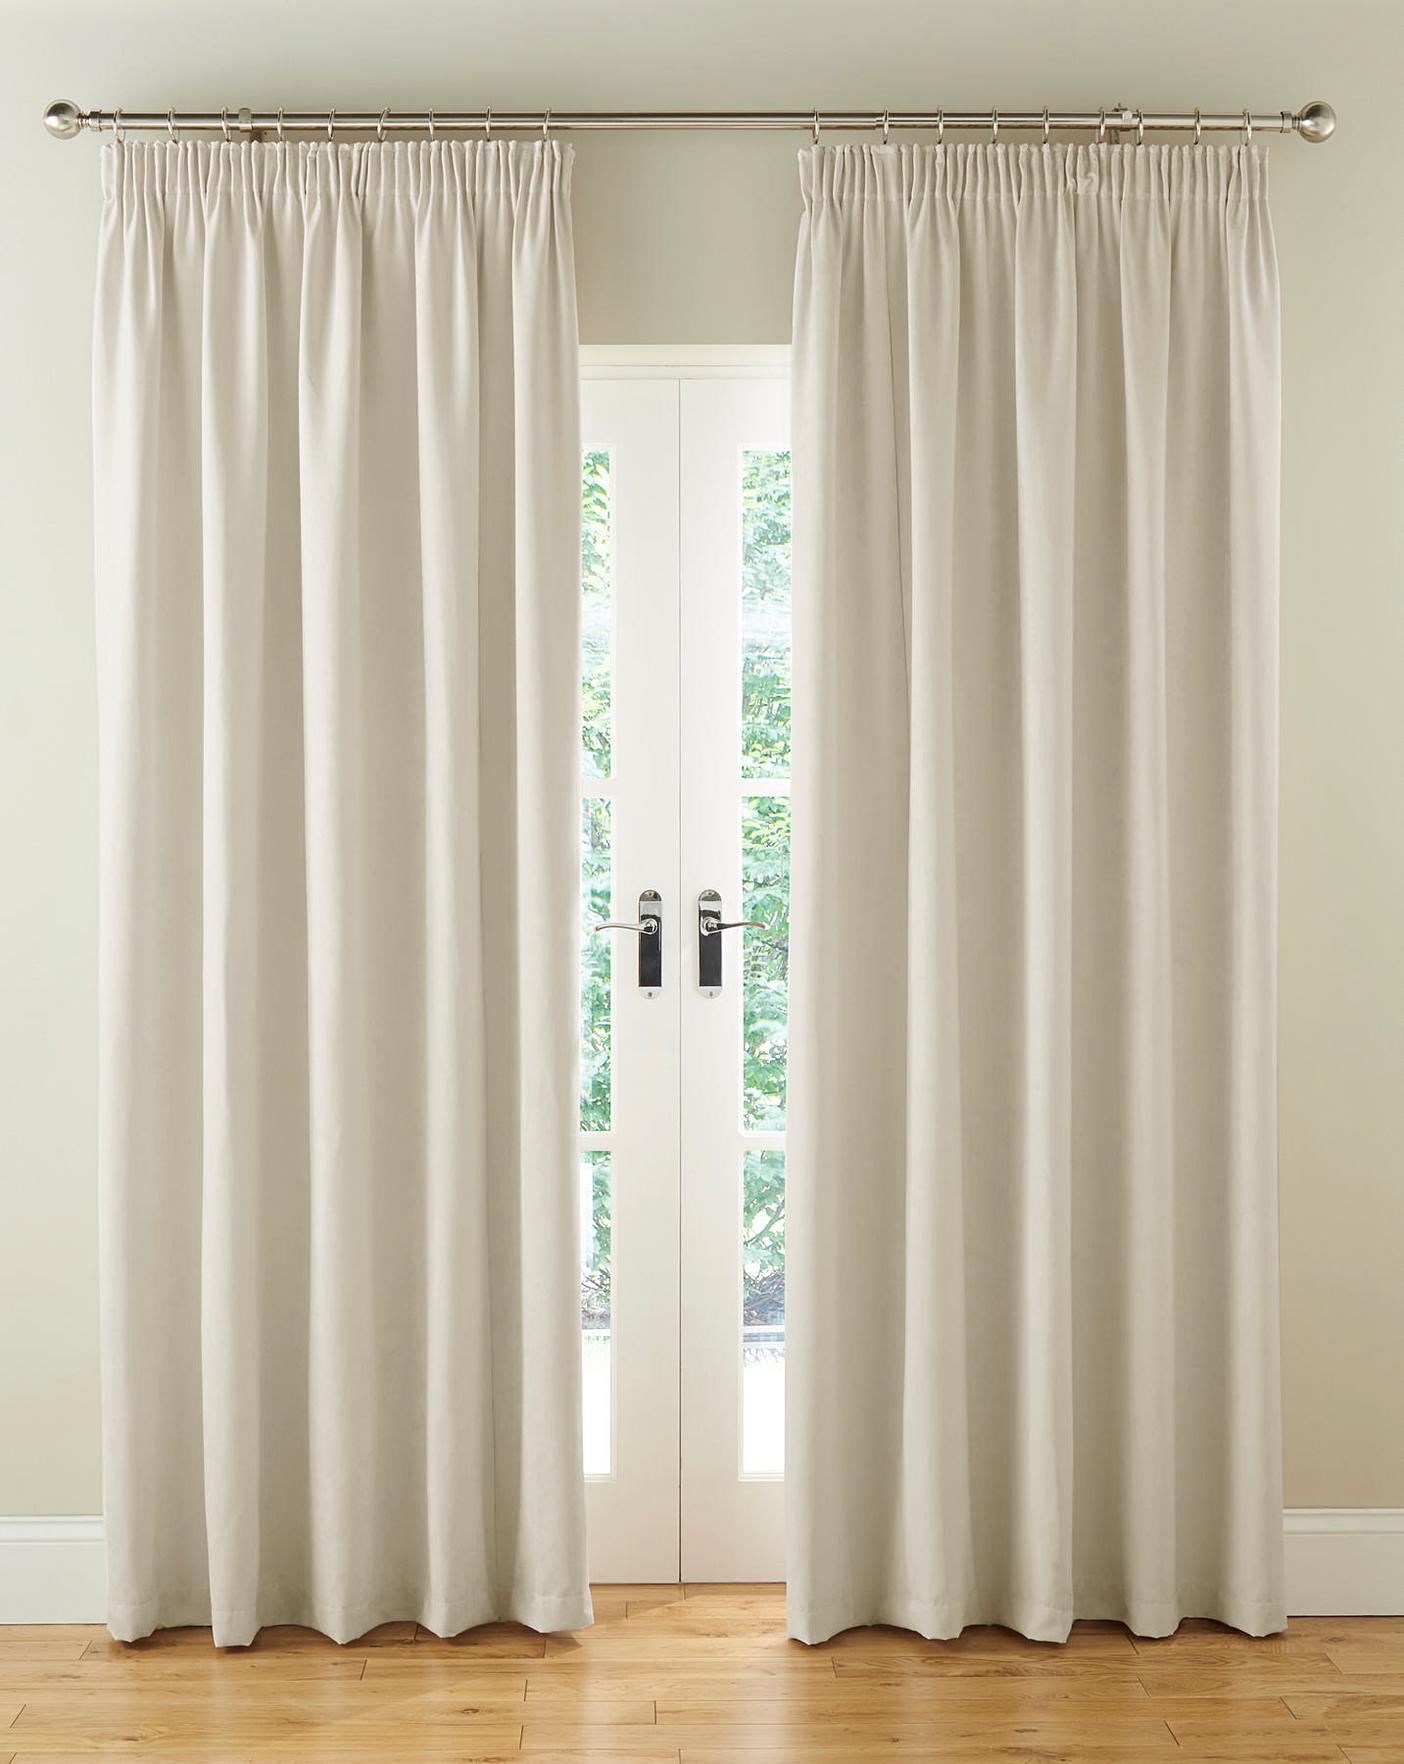 Faux Suede Pencil Pleat Blackout Lined Curtains